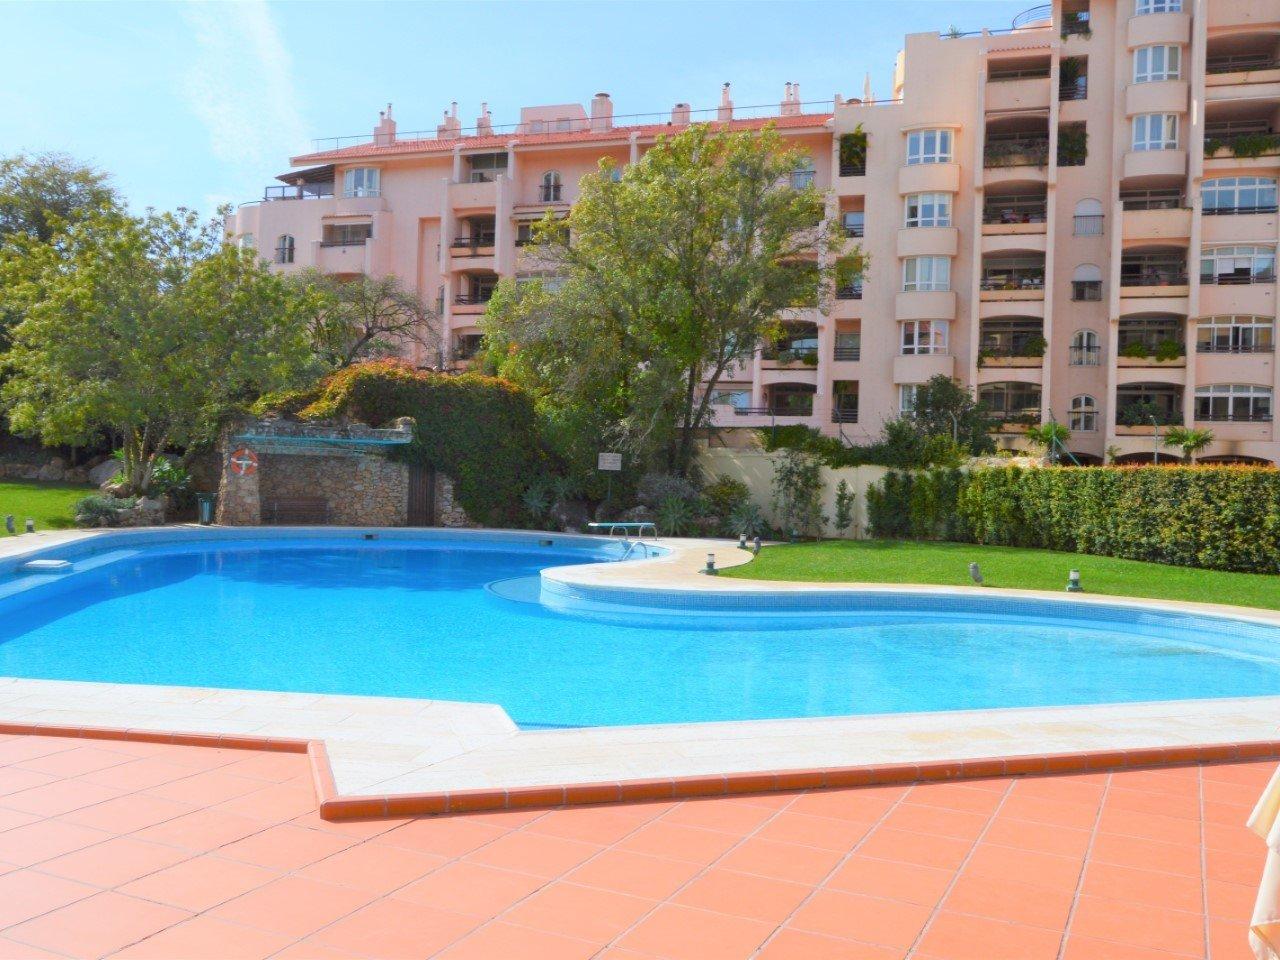 4 Bedroom Apartment Cascais, Lisbon Ref: AAM208